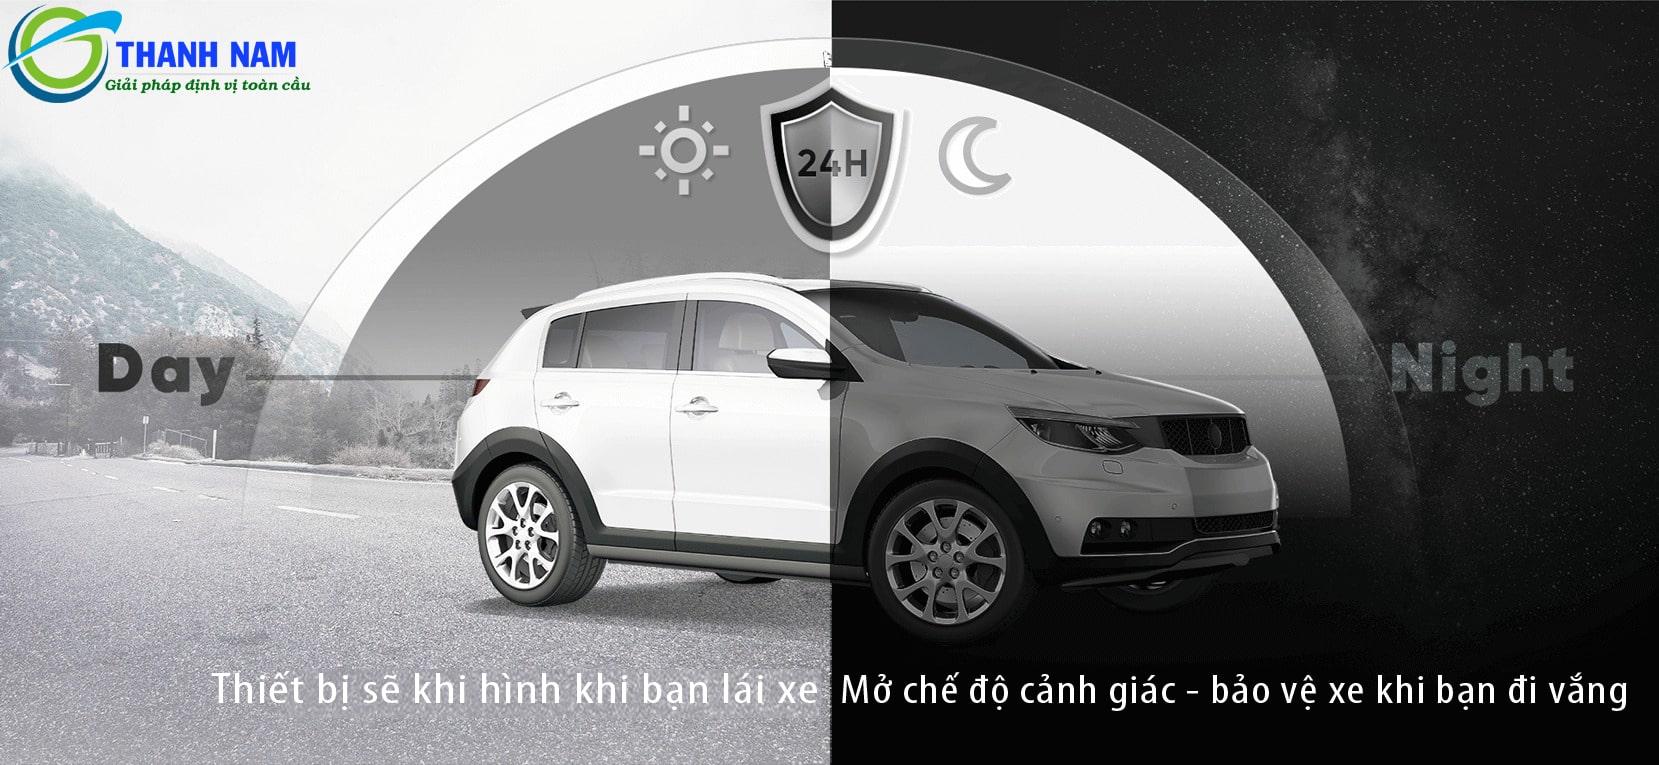 chế độ trông xe - bảo vệ xe 24/24 của 70mai lite